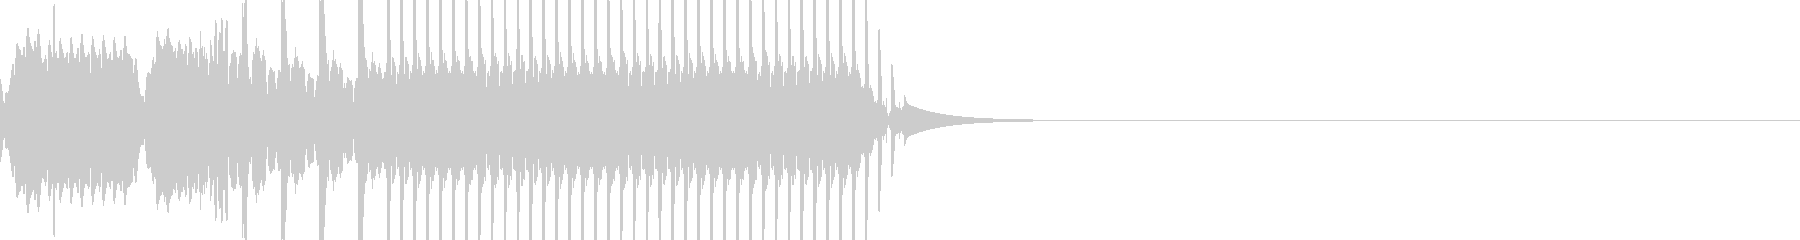 ショートカット5バージョン2の未再生の波形